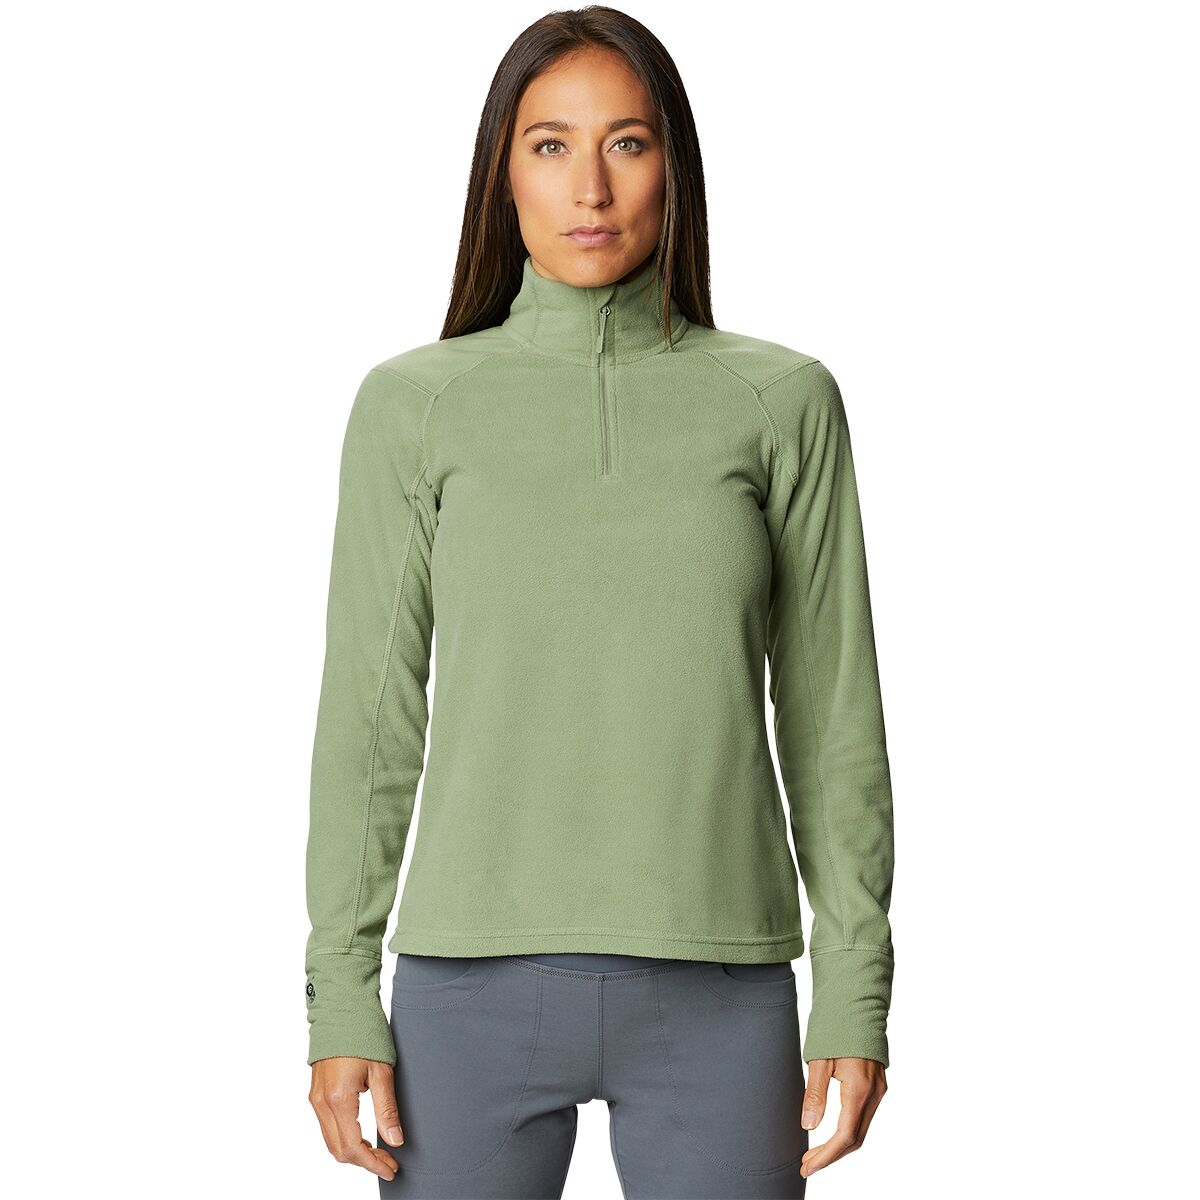 Microchill 2.0 Zip T Fleece Jacket - Women